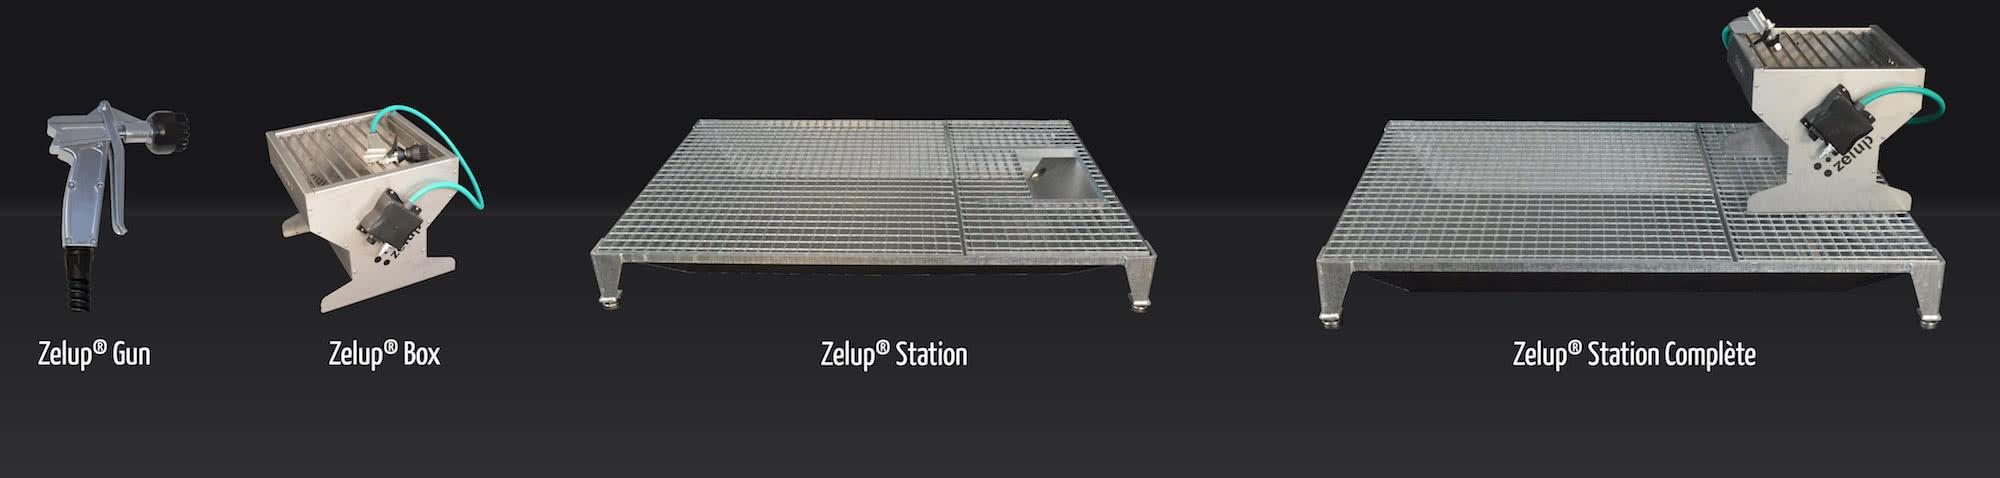 zelup-gun